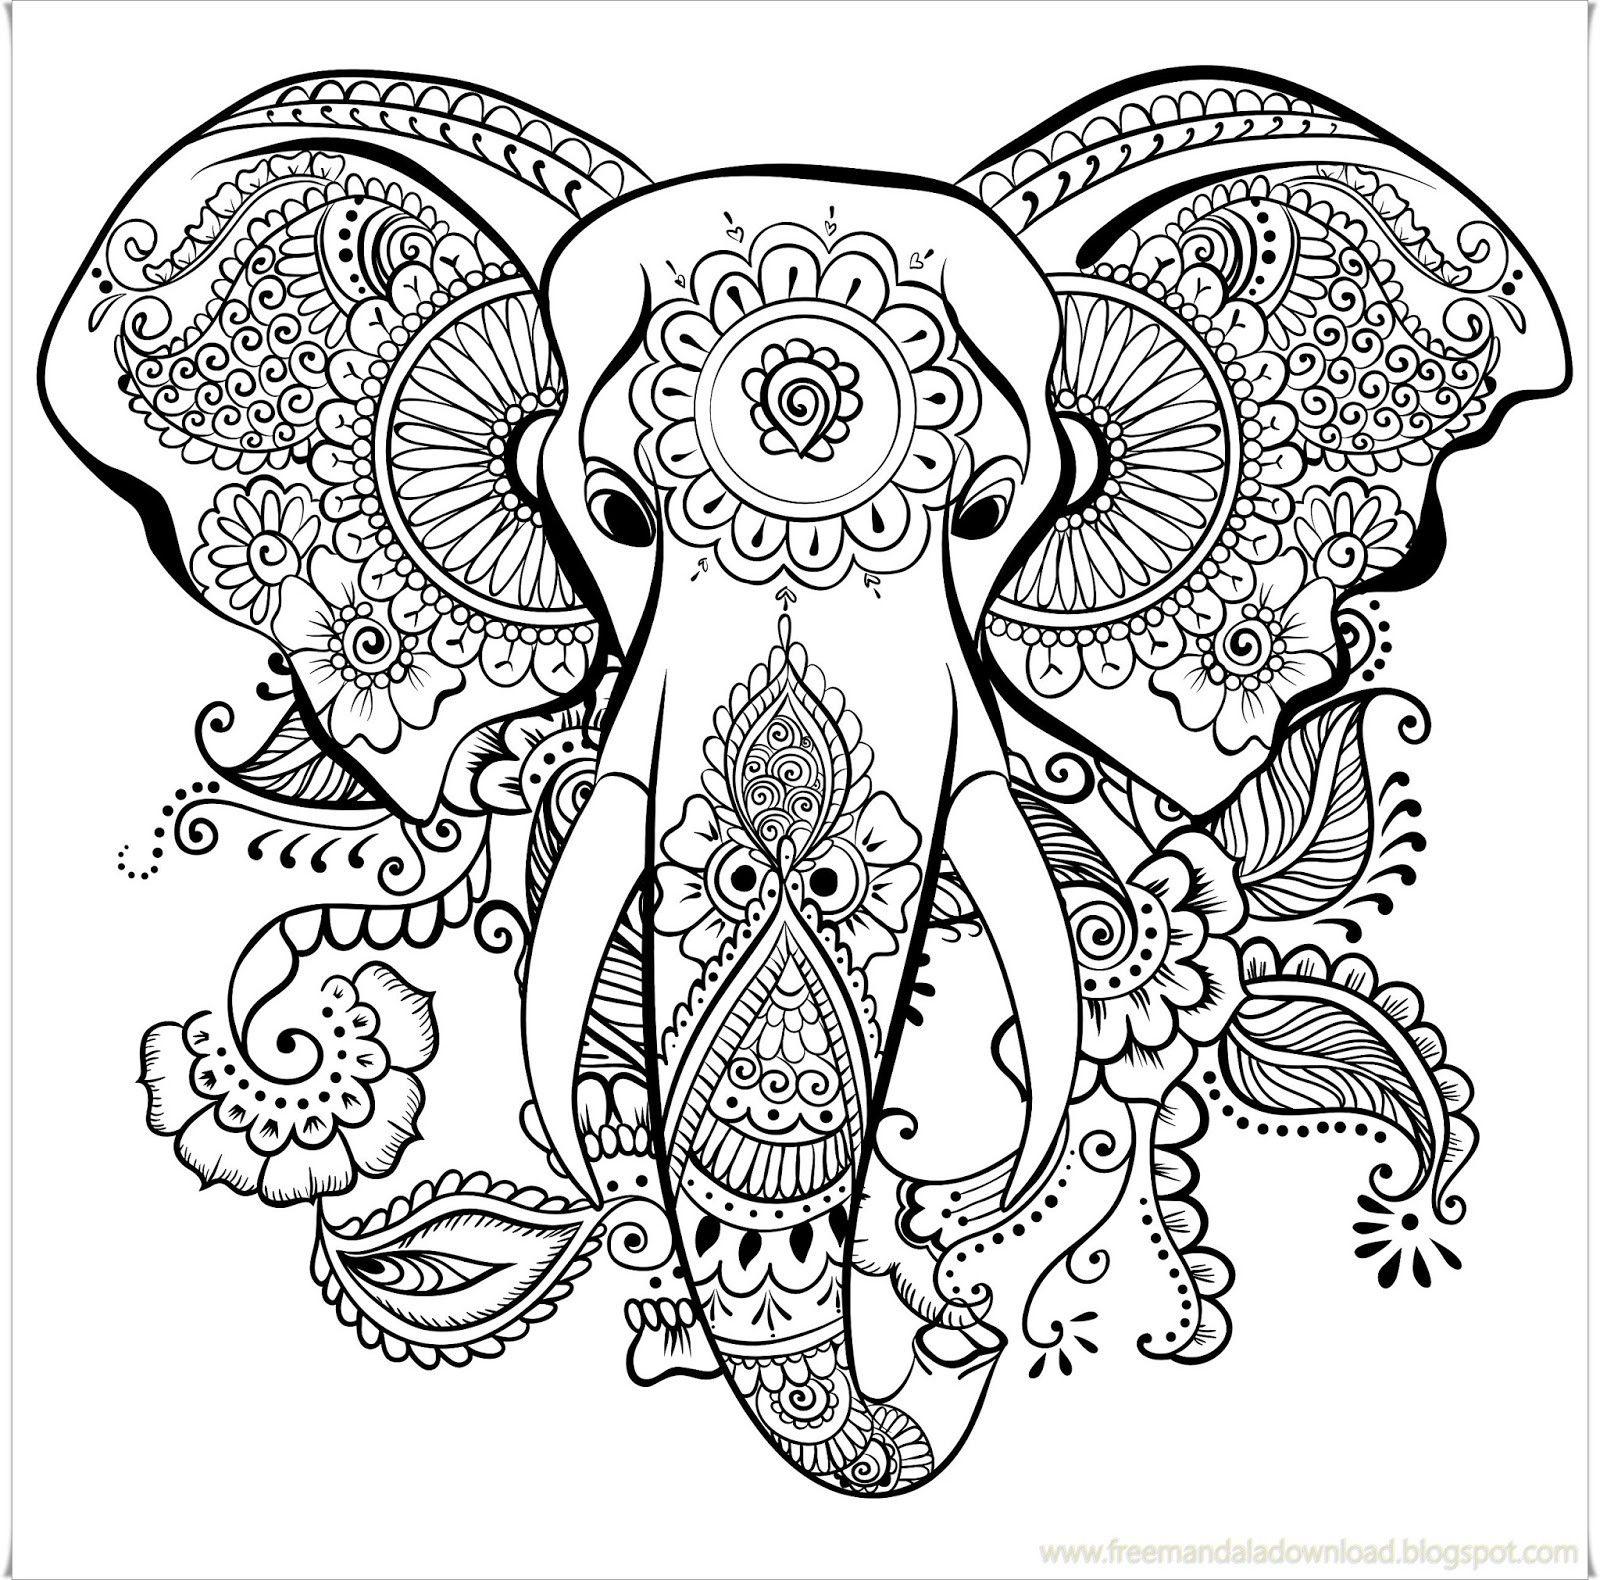 Frisch Ausmalbilder Marchen Malvorlagen Malvorlagenfurkinder Malvorlagenfurerwachsene Elefant Zeichnung Mandala Malvorlagen Ausmalbilder